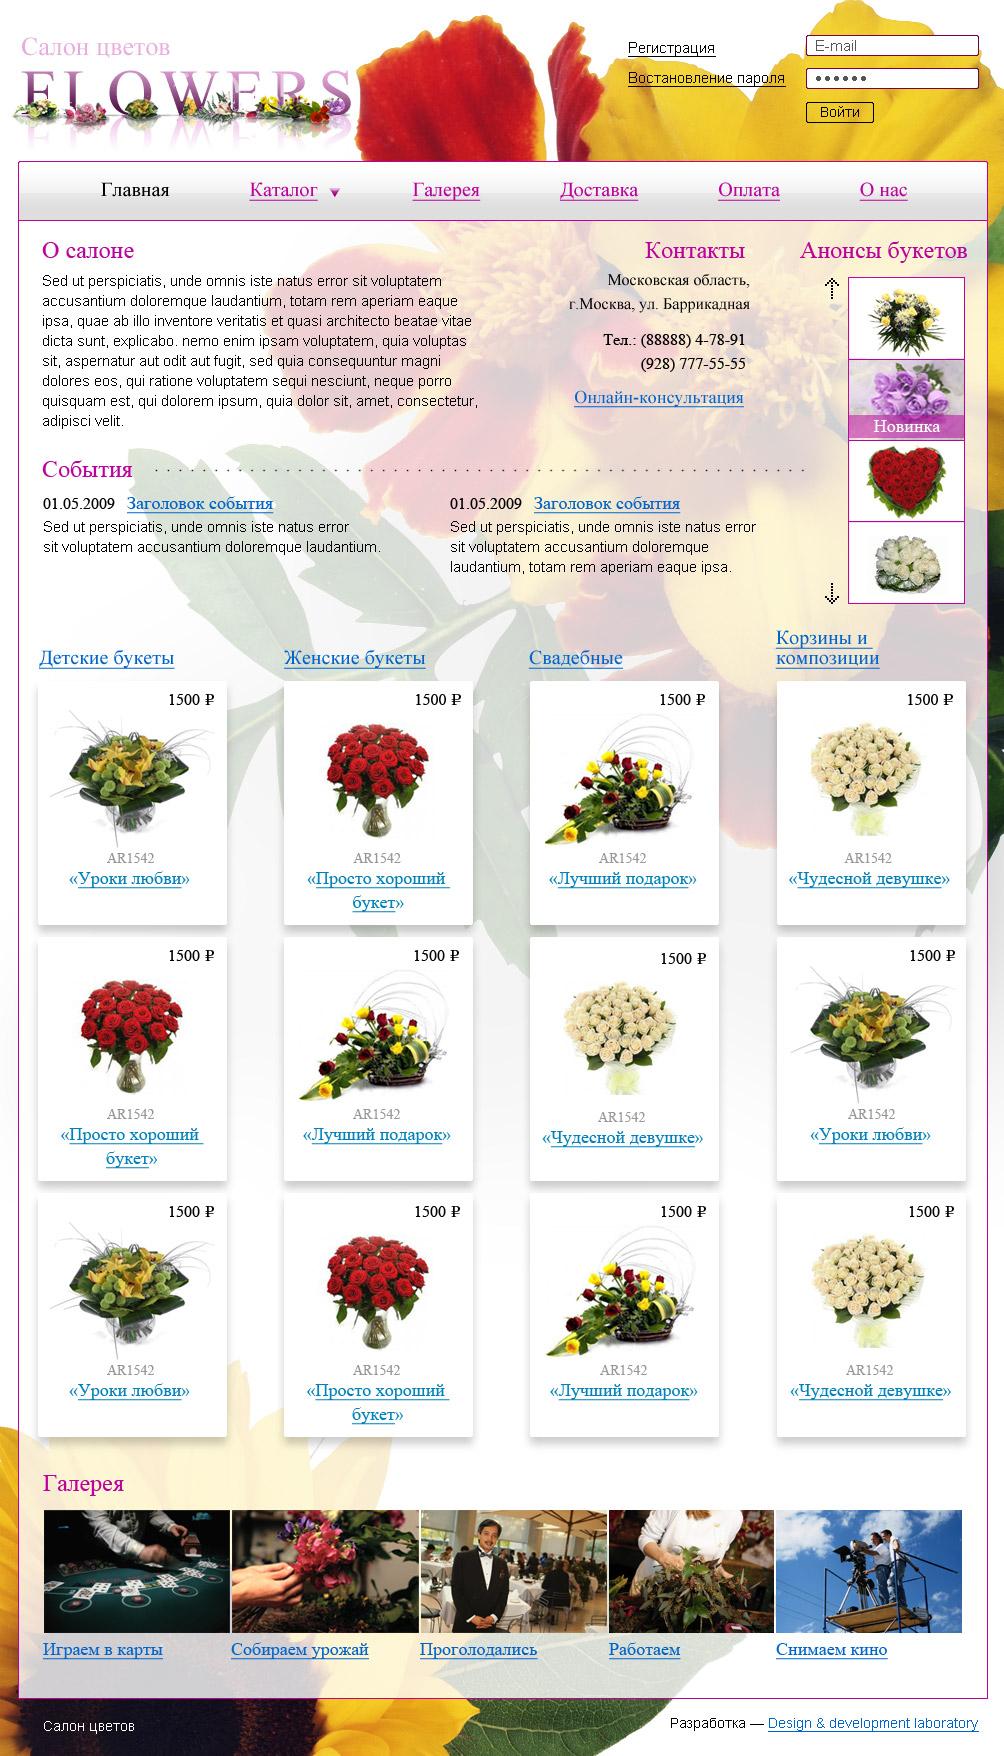 Дизайны сайта для mcdonate